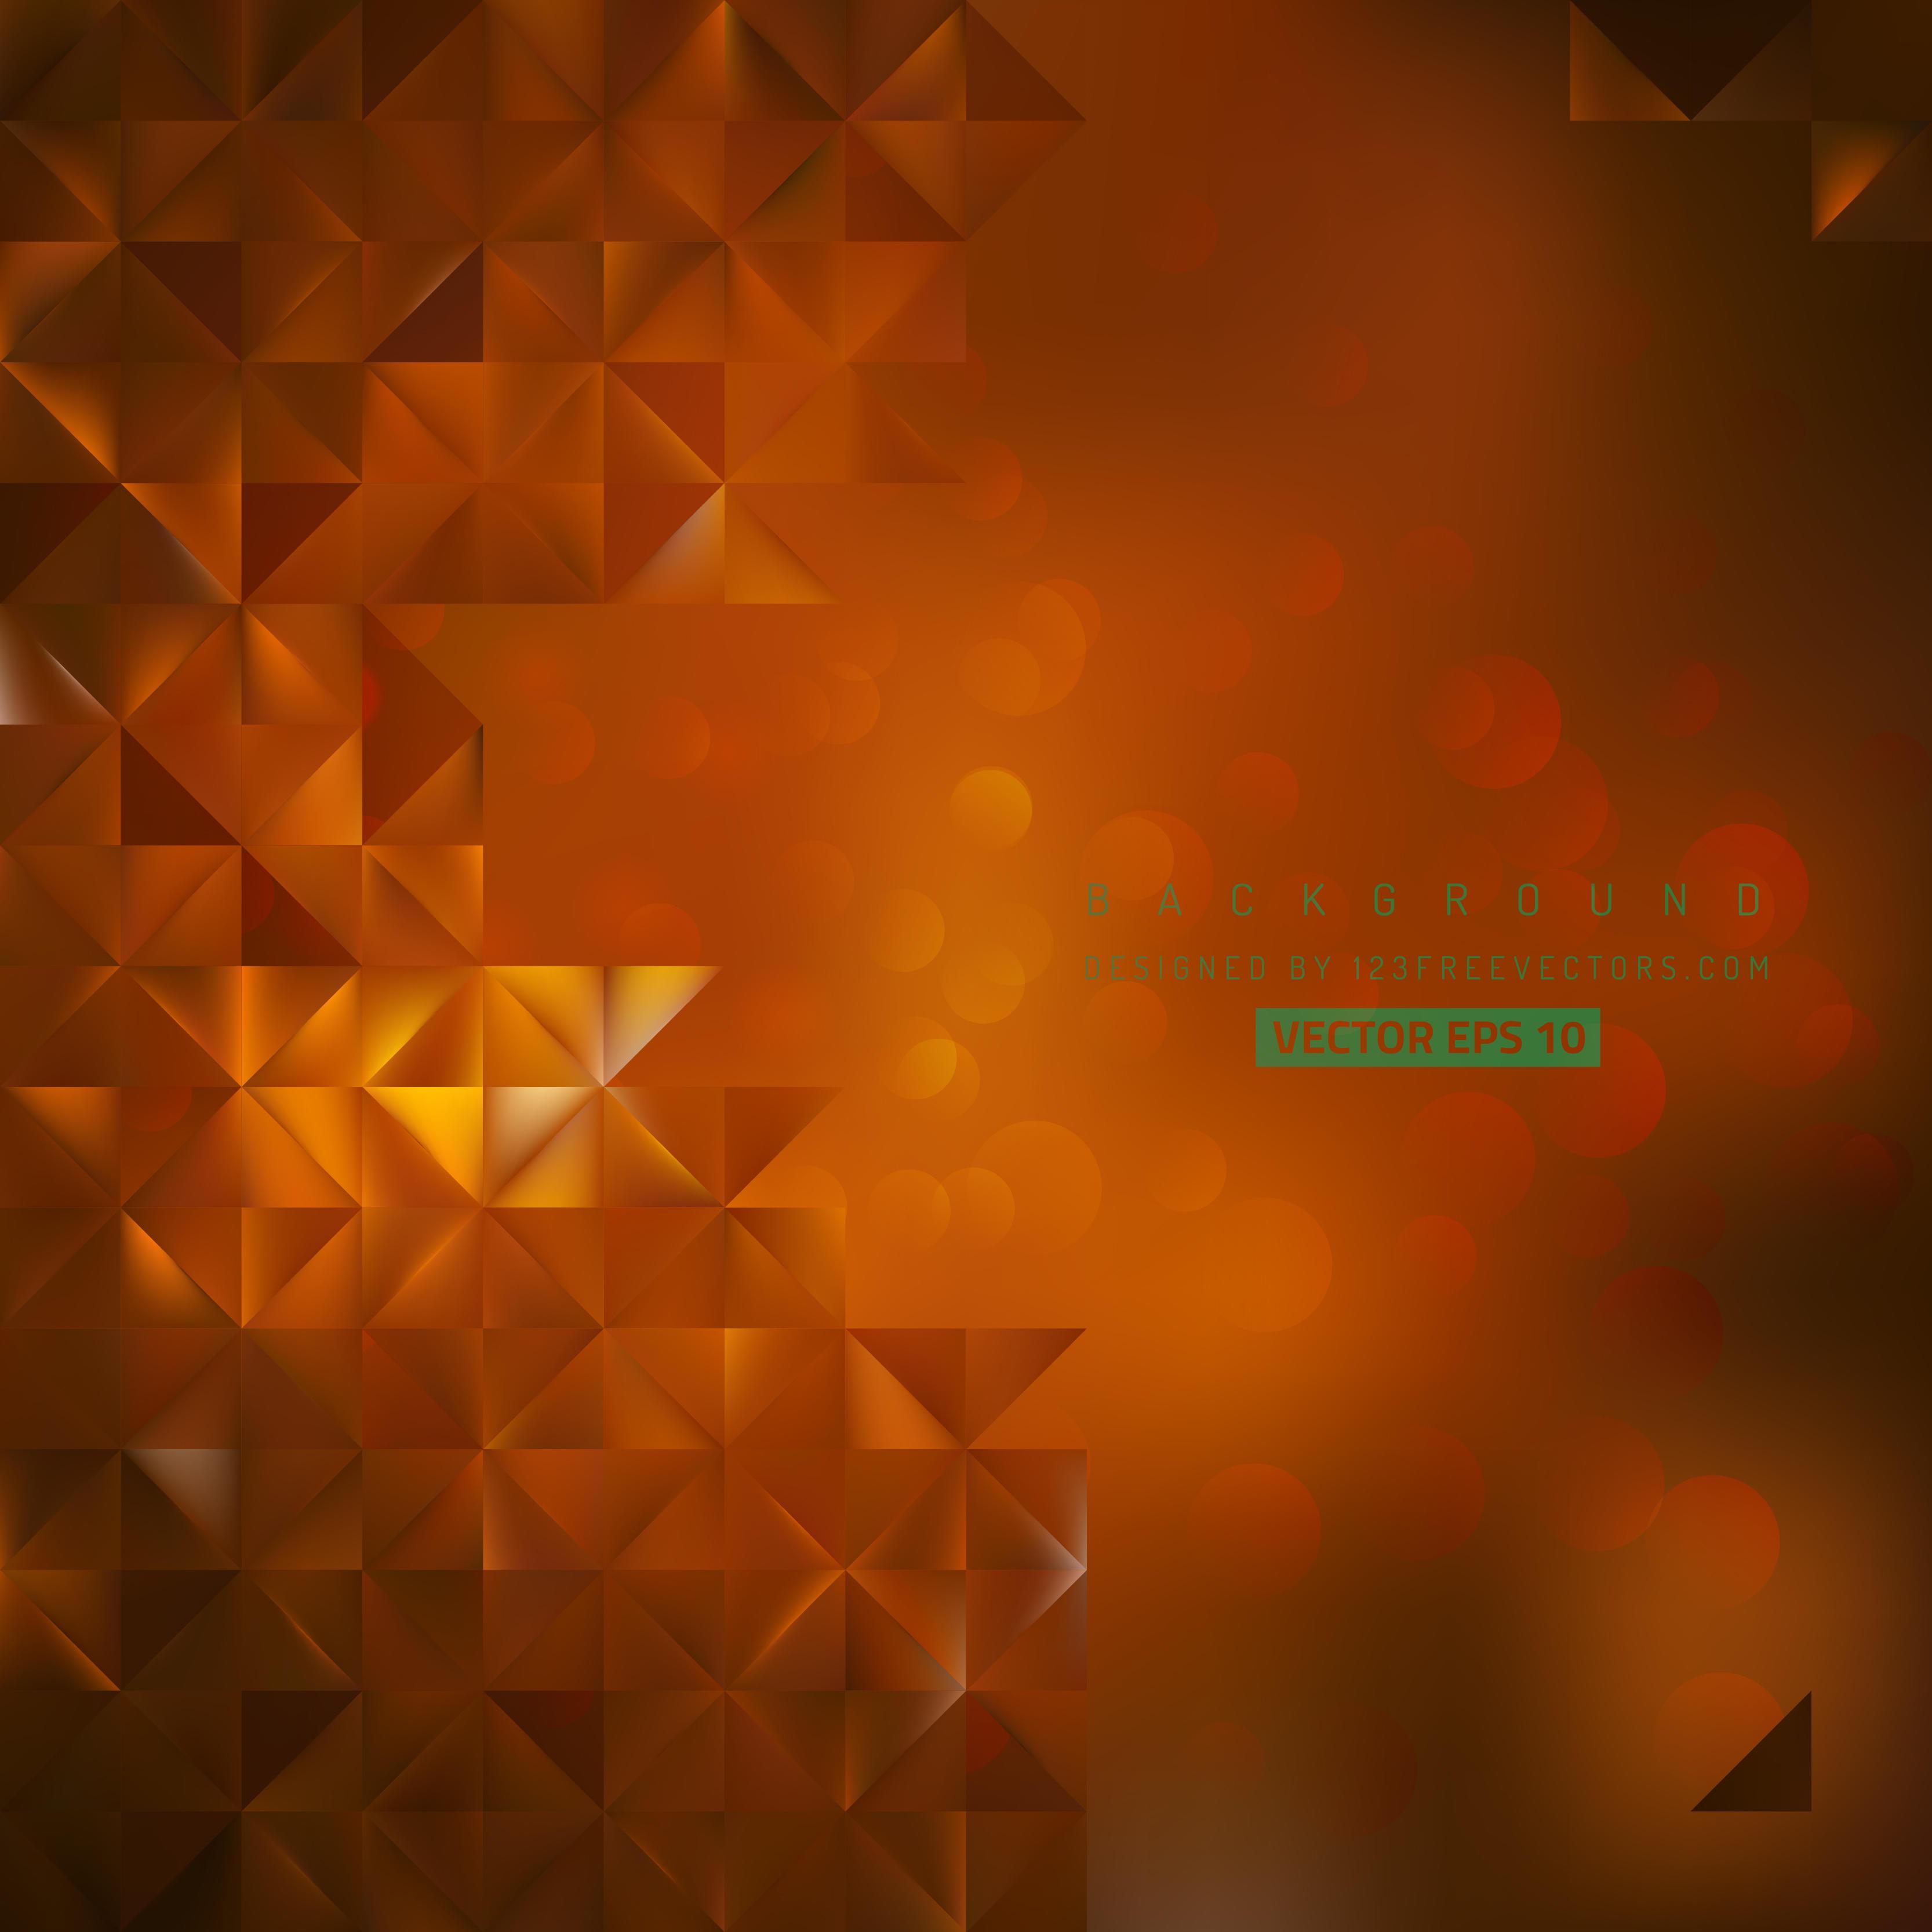 Abstract Dark Orange Background Clip art.